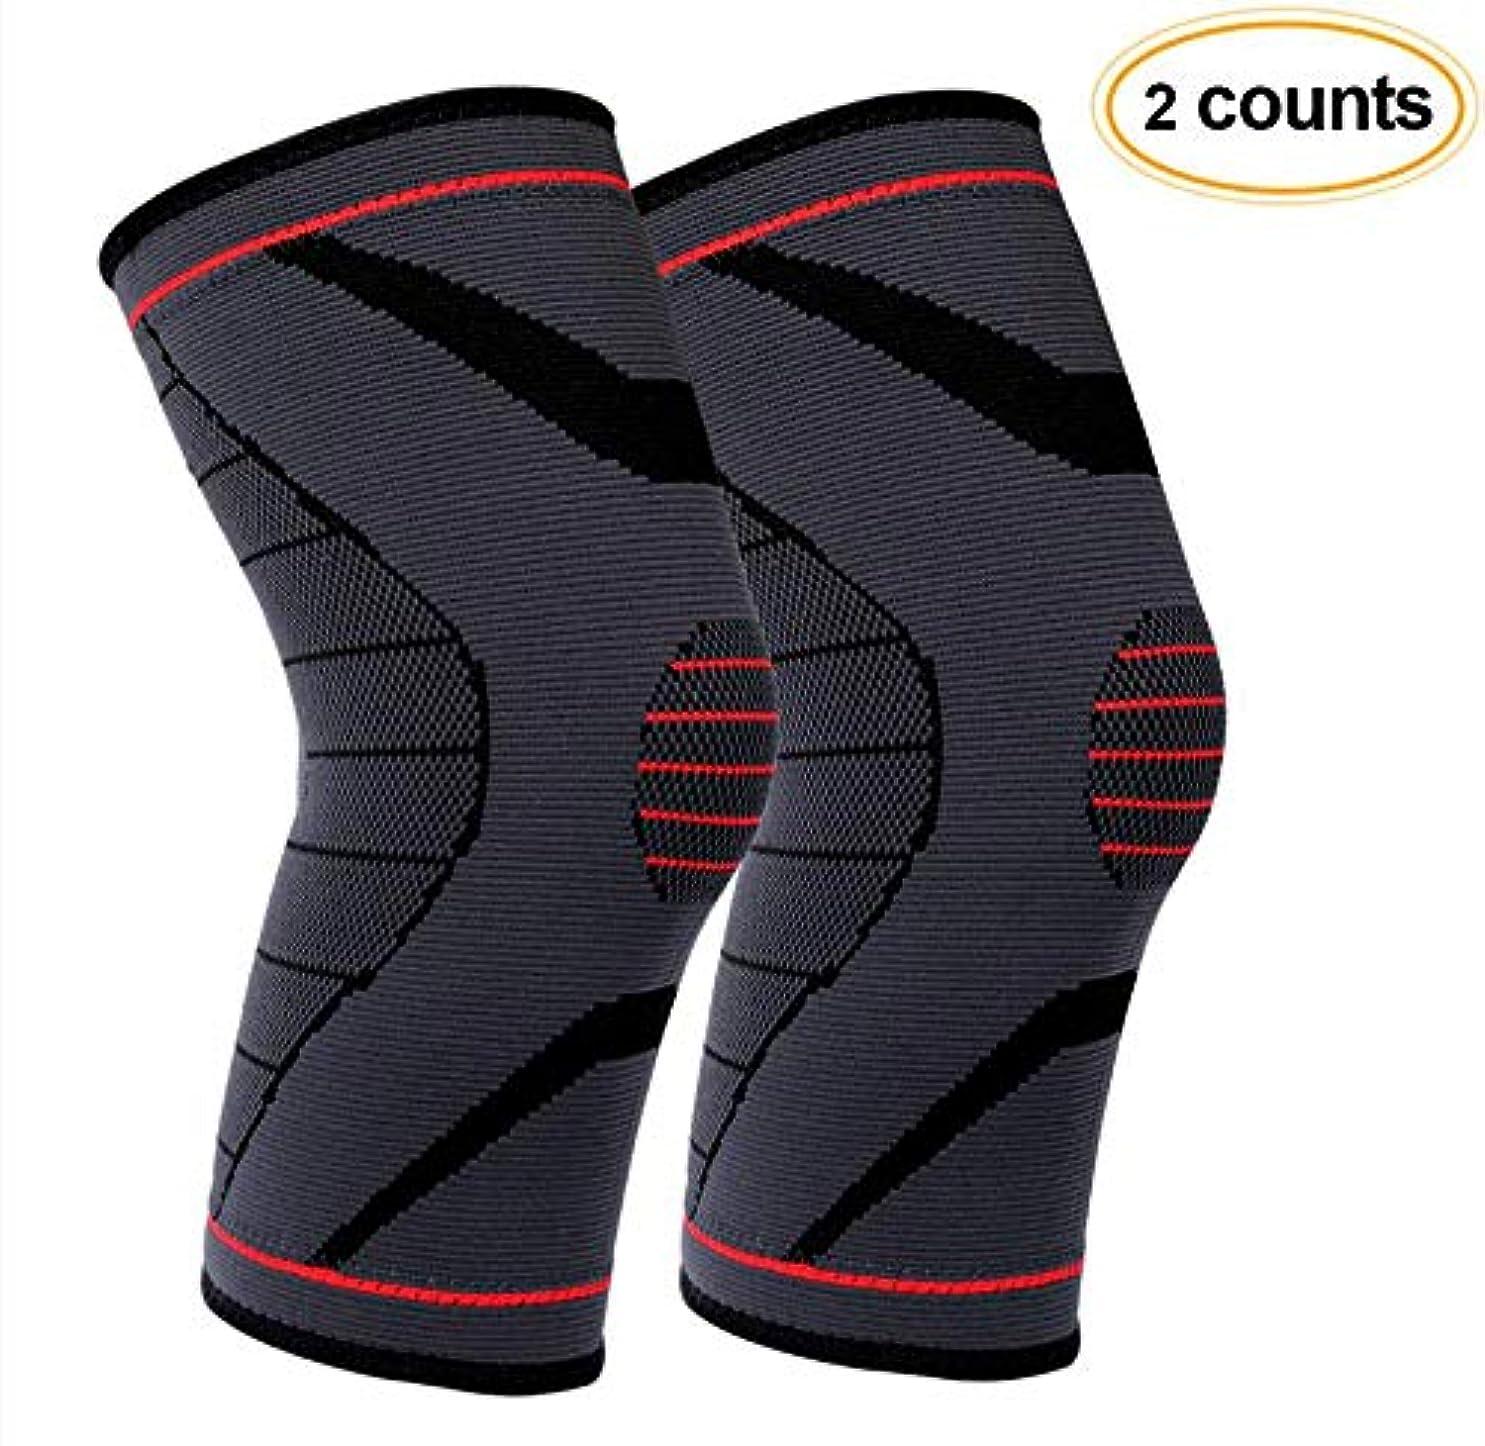 狂った分数同性愛者保護用膝パッド、2パック滑り止めバスケットボール膝パッド肘ガード圧縮脚スリーブ S